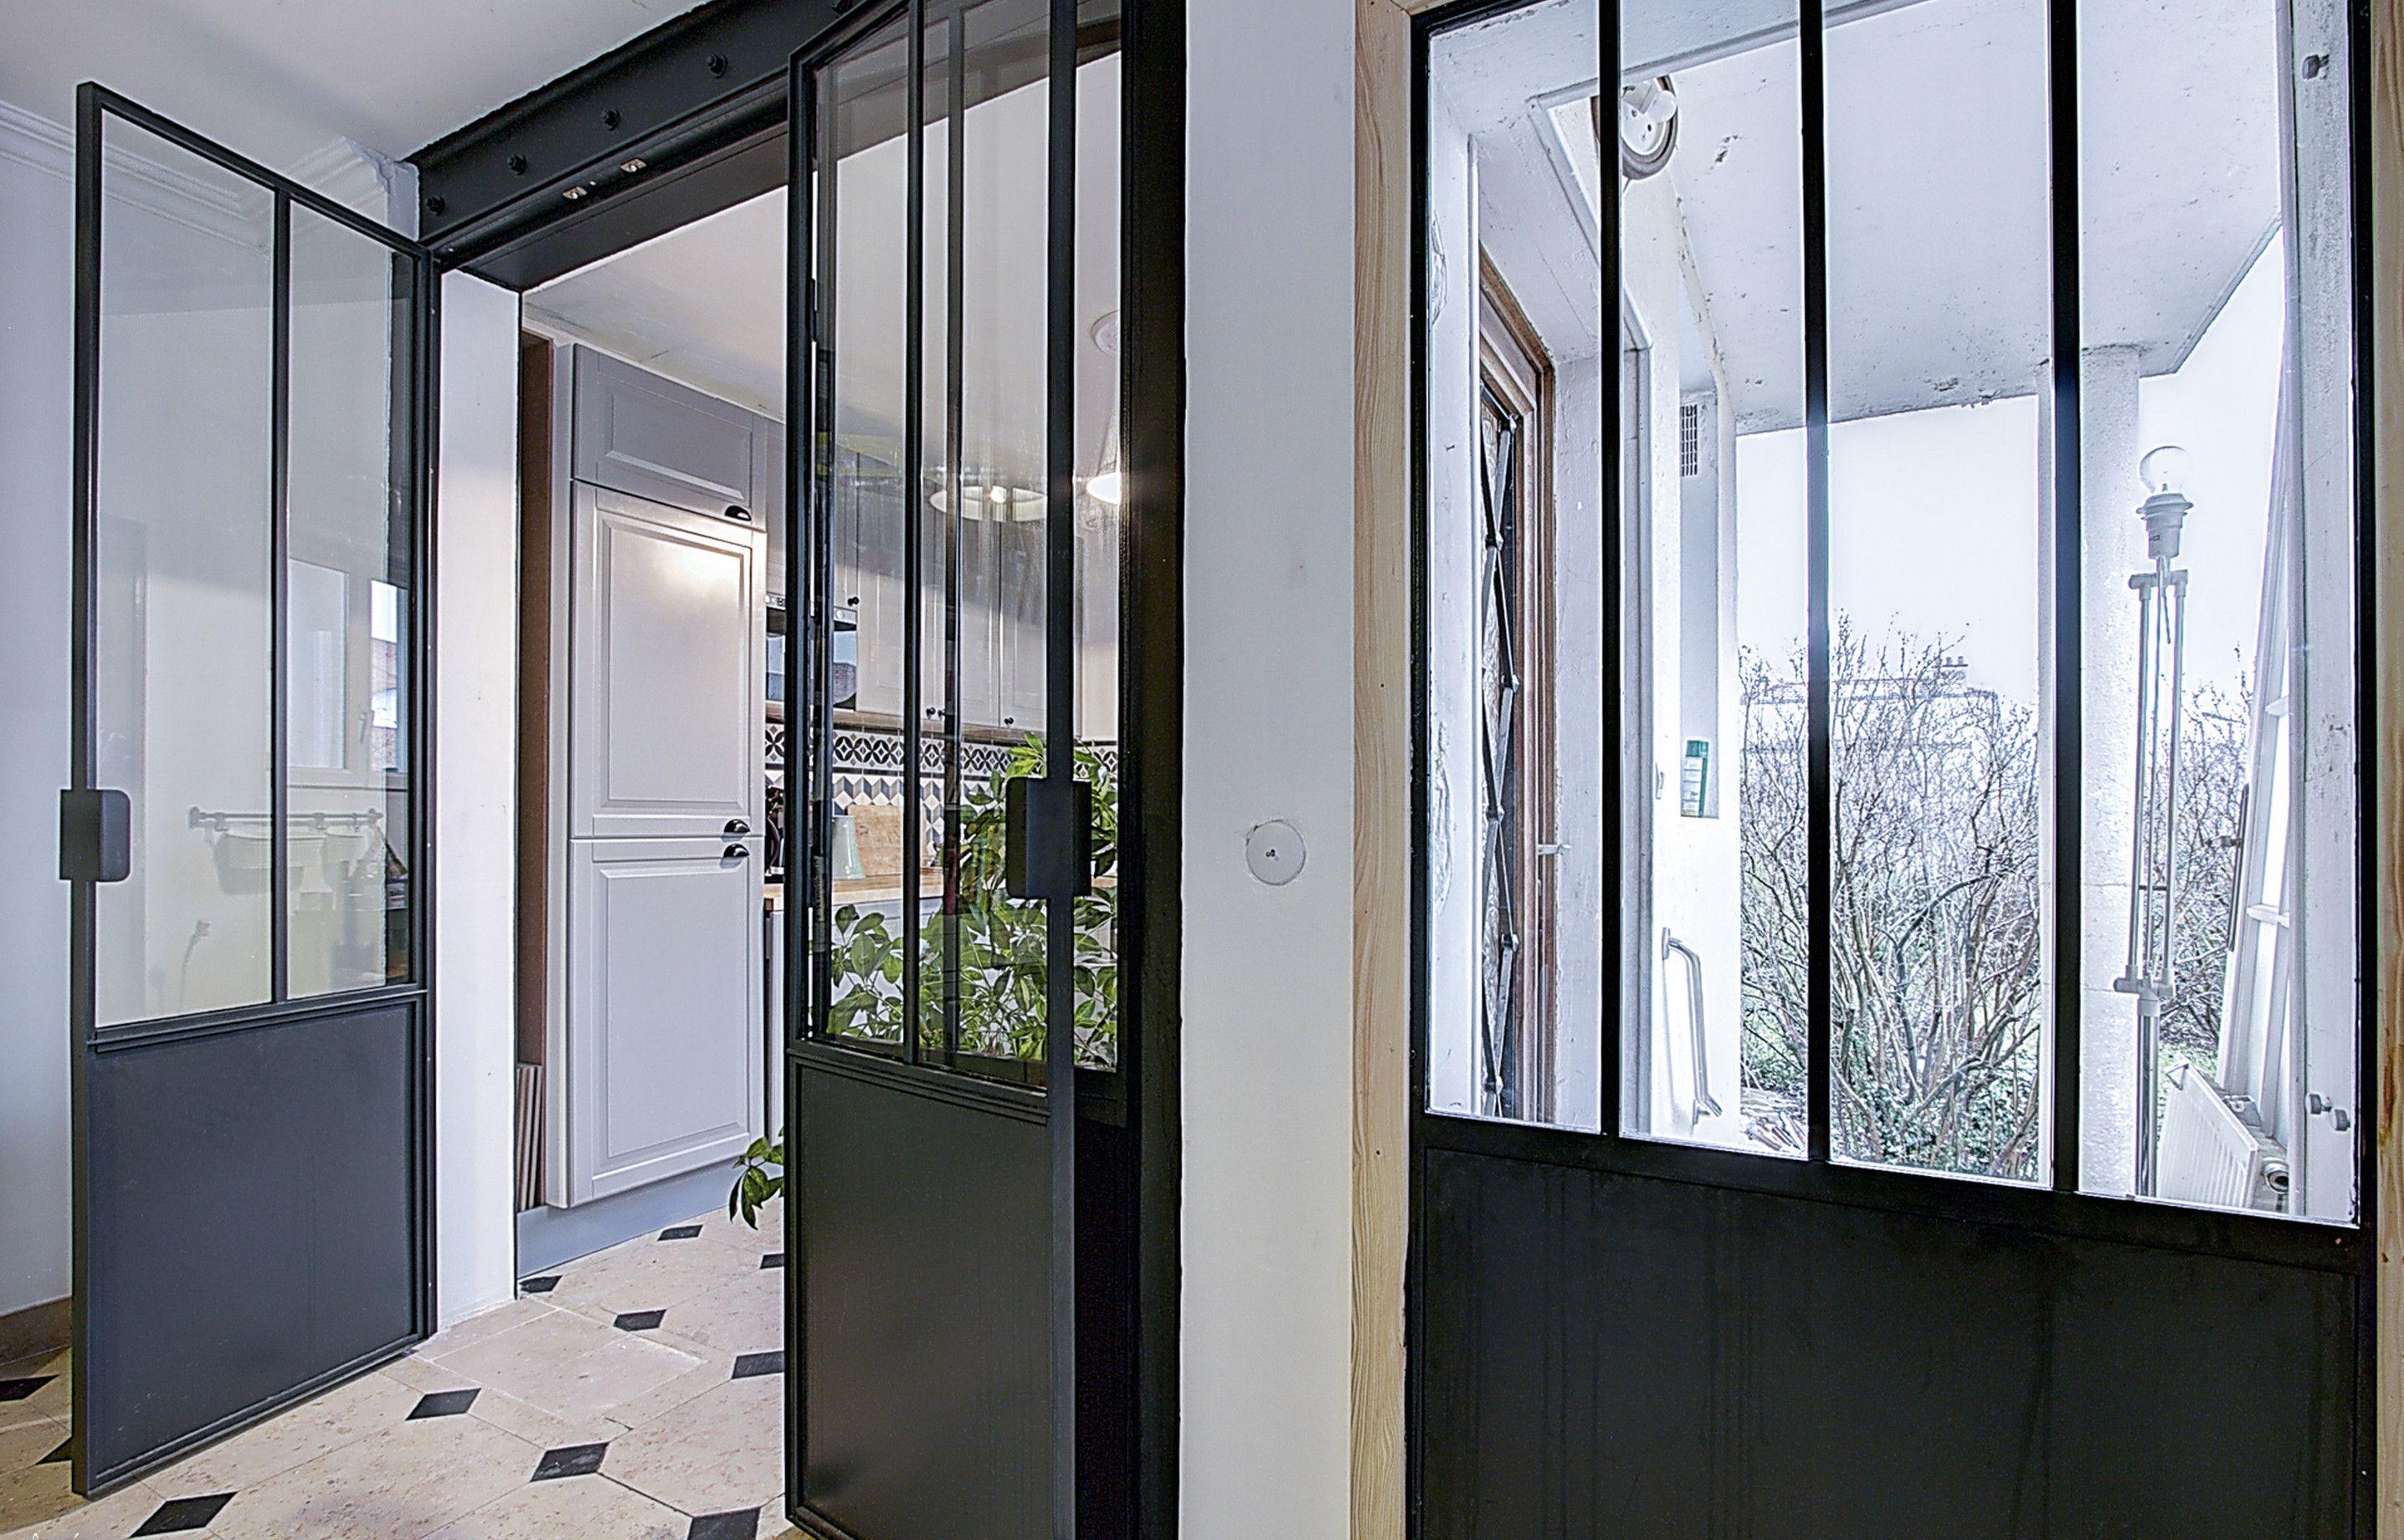 La Renovation D Une Maison Parisienne Par Des Architectes Maison Parisienne Maison Et Cabinet D Architecture